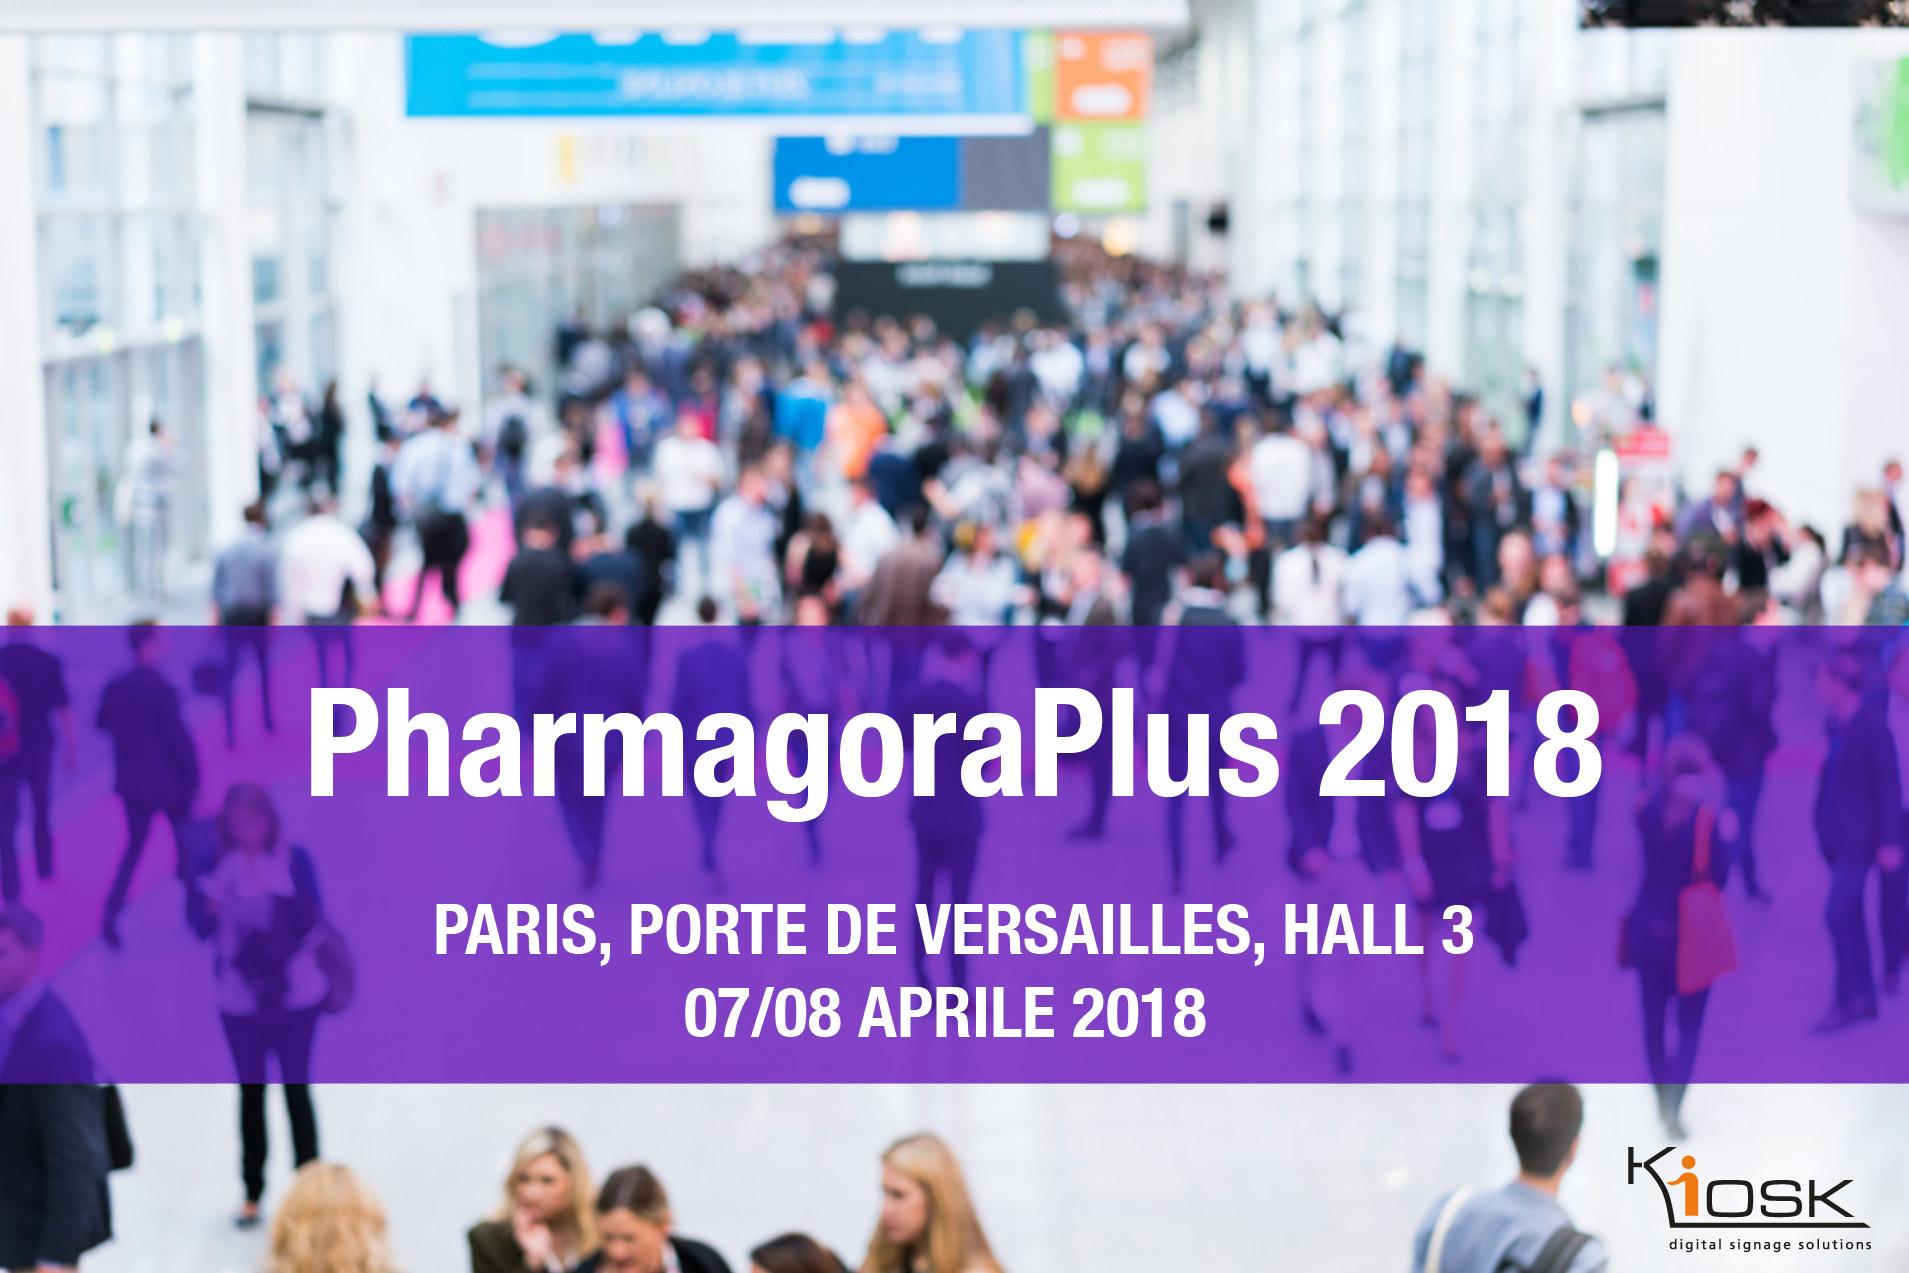 Kiosk partecipa a Pharmagora Plus 2018